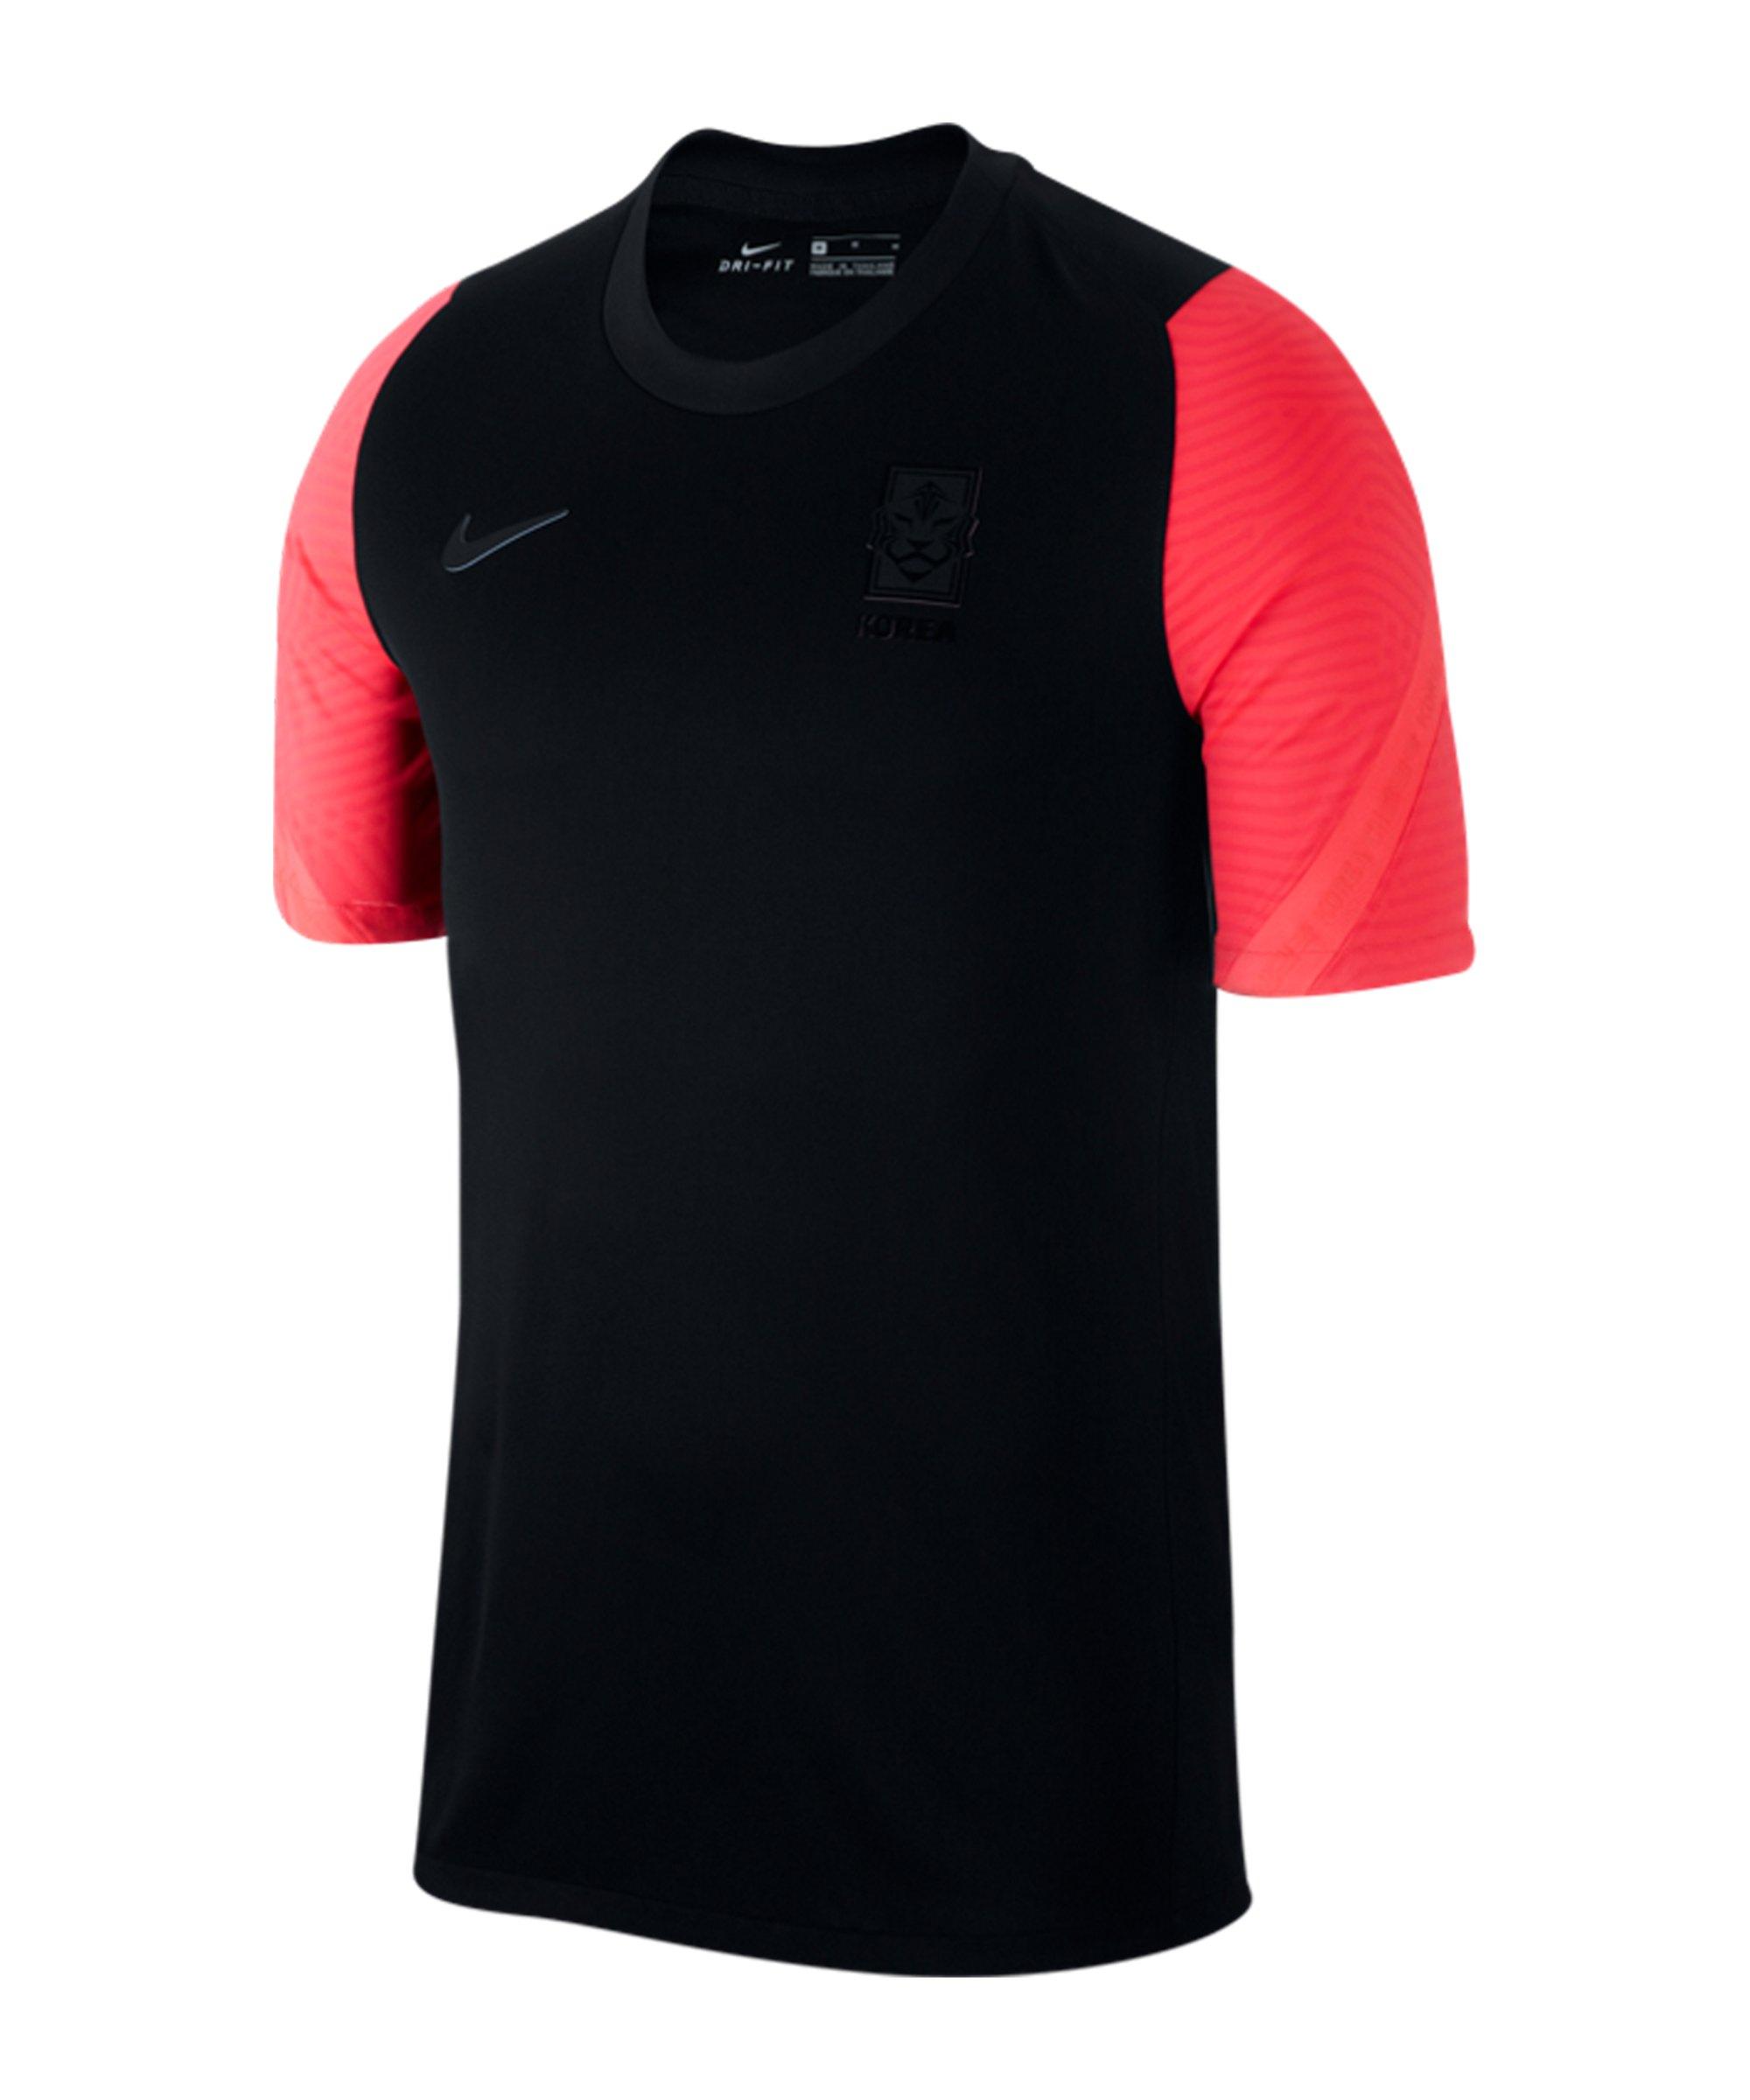 Nike Südkorea Strike Trainingstop kurzarm F010 - schwarz